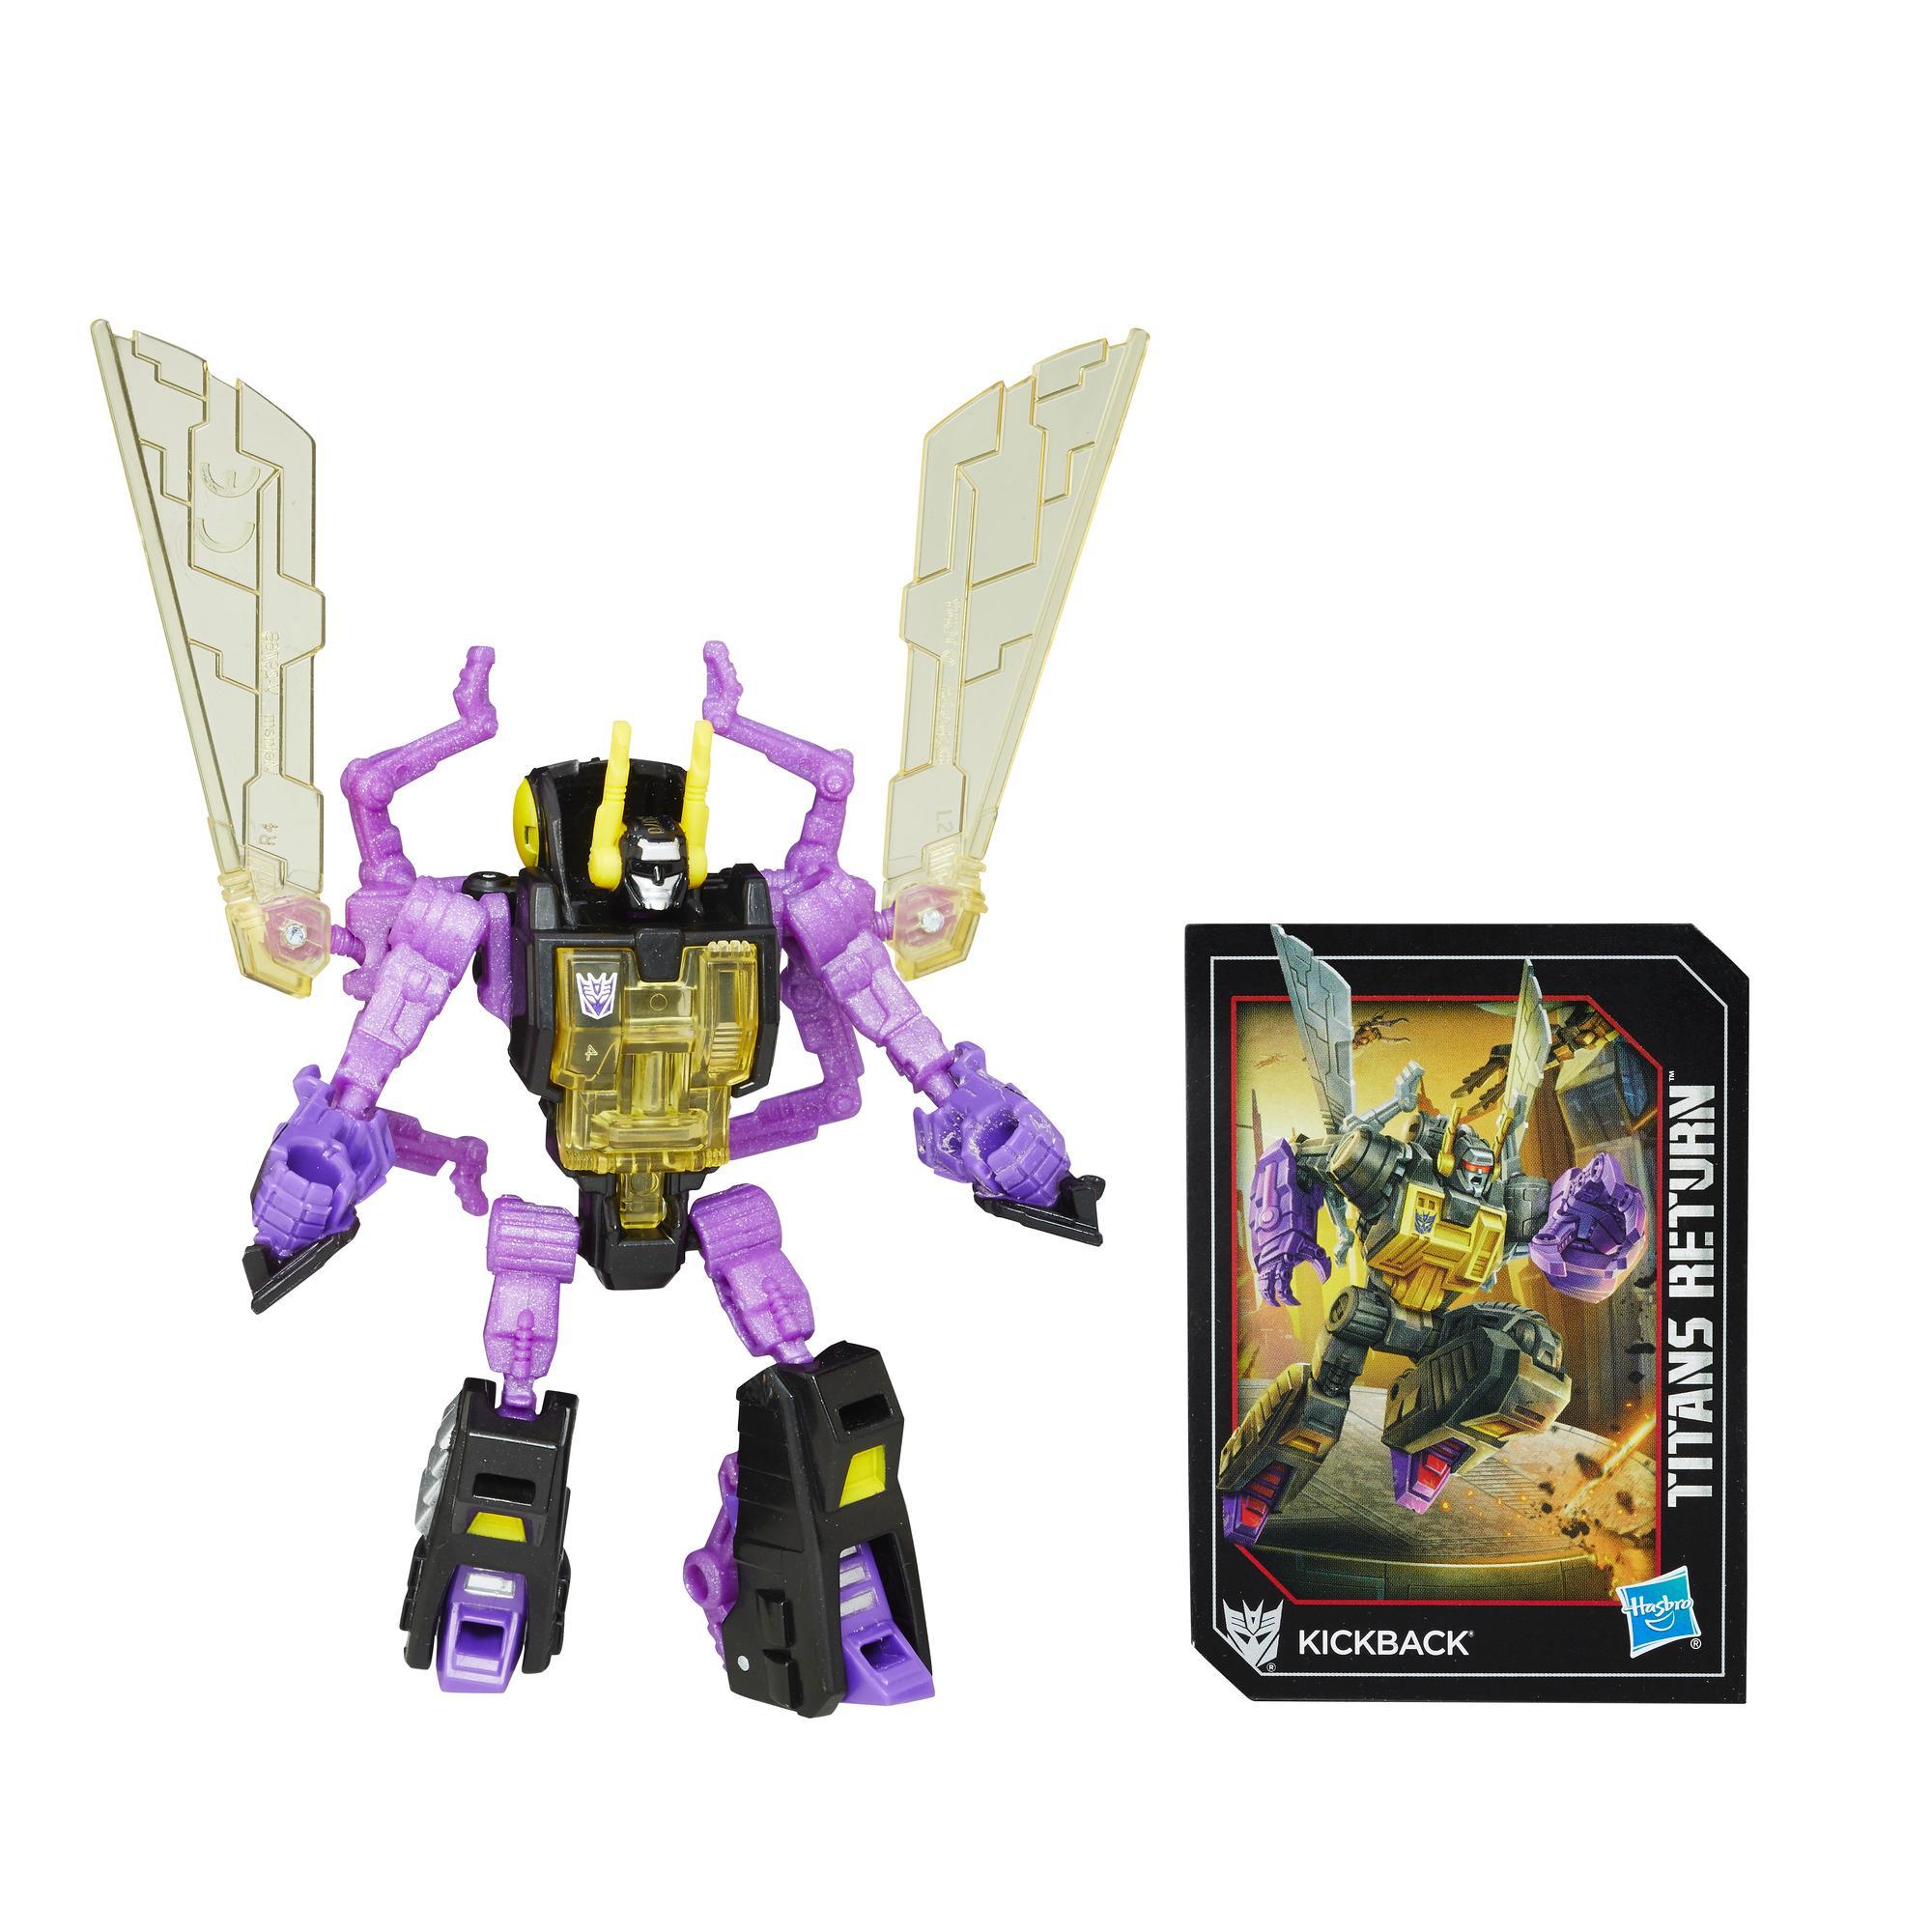 Bq Figura Transformers Leg Titan Ret - Kickback